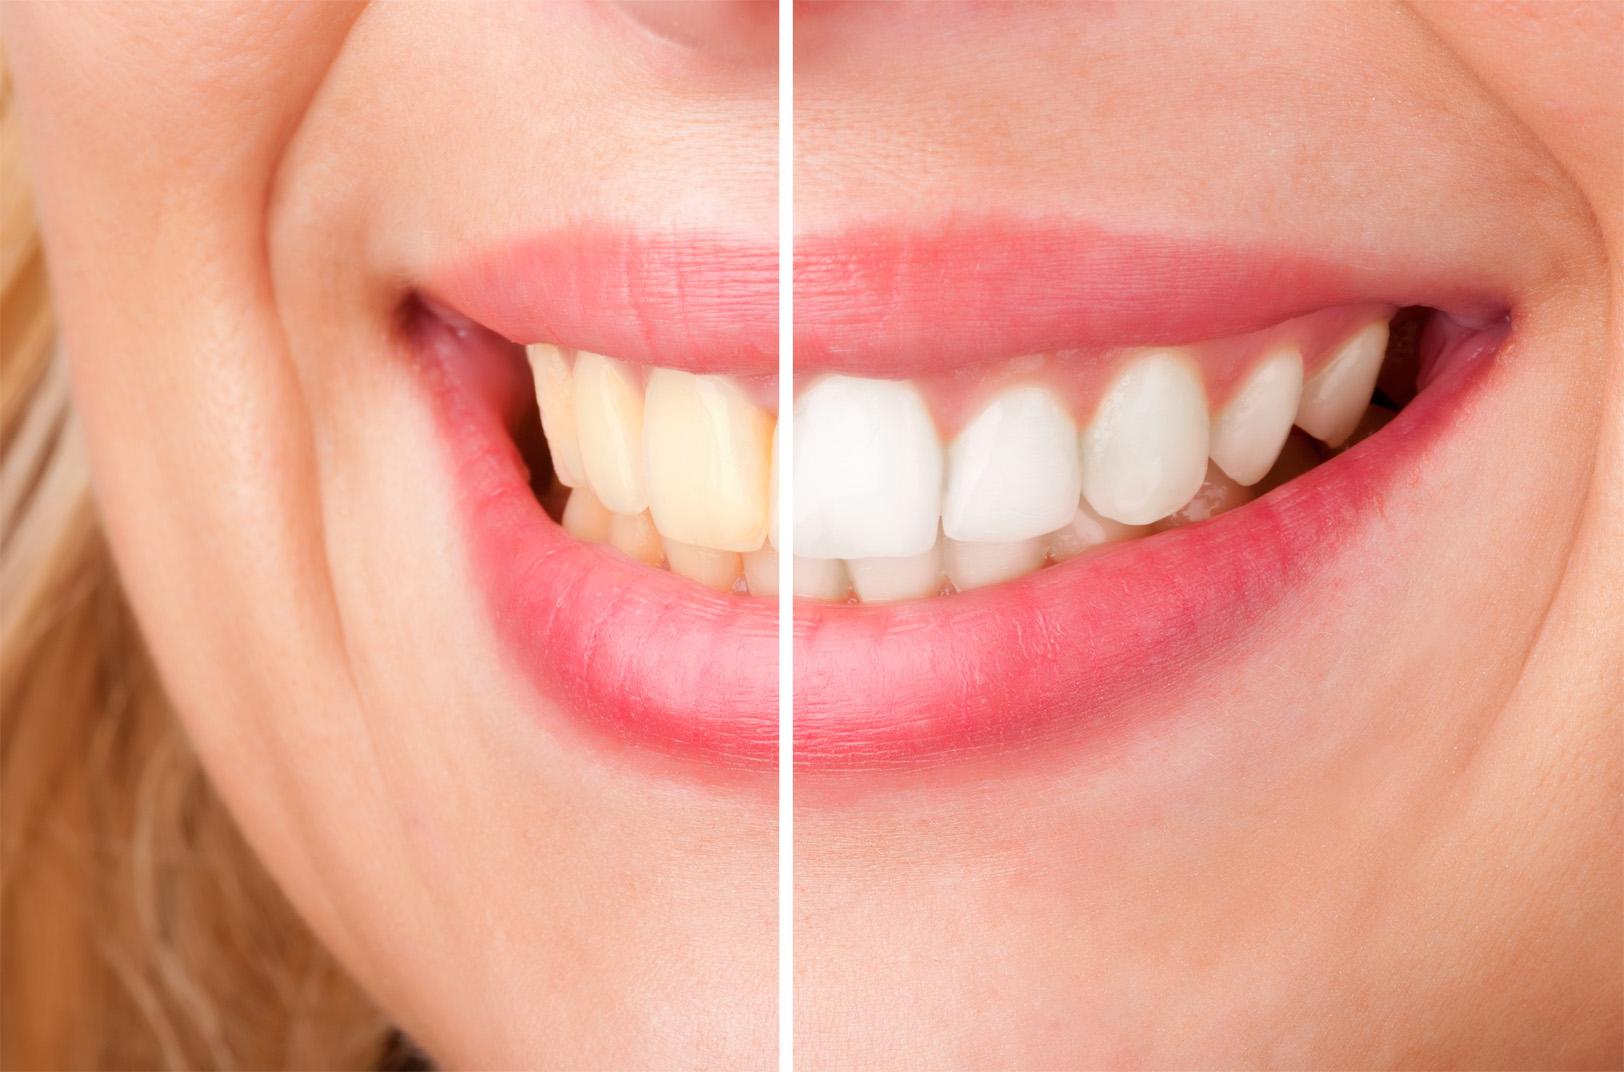 Női mosoly a rendelői fogfehérítés előtt és után.